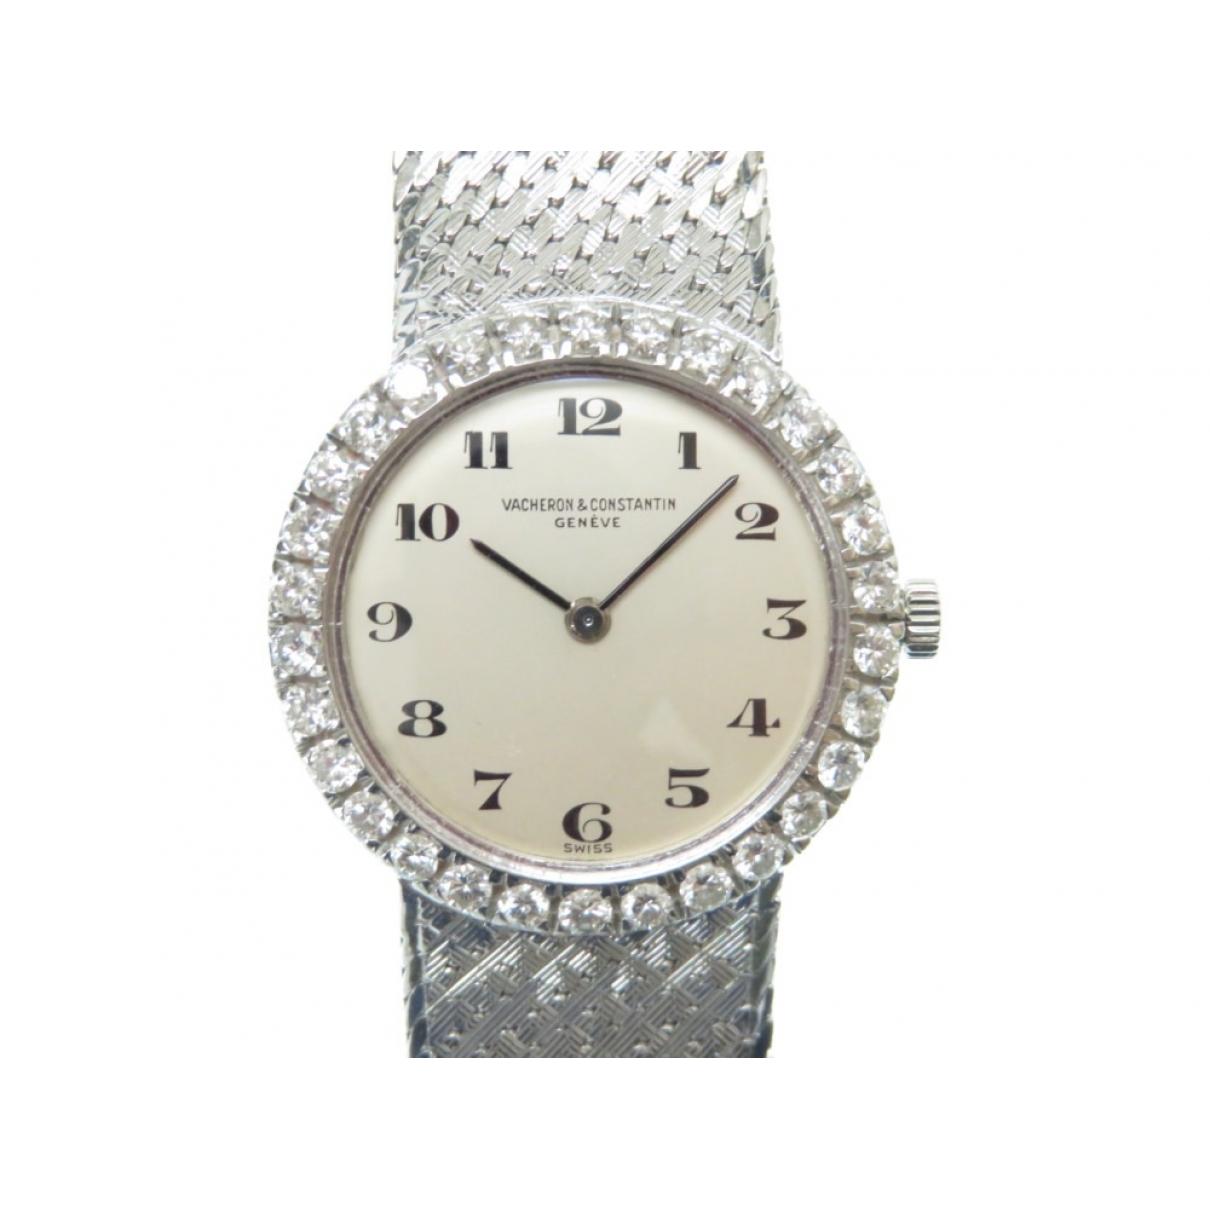 Vacheron Constantin Vintage Uhr in  Silber Weissgold